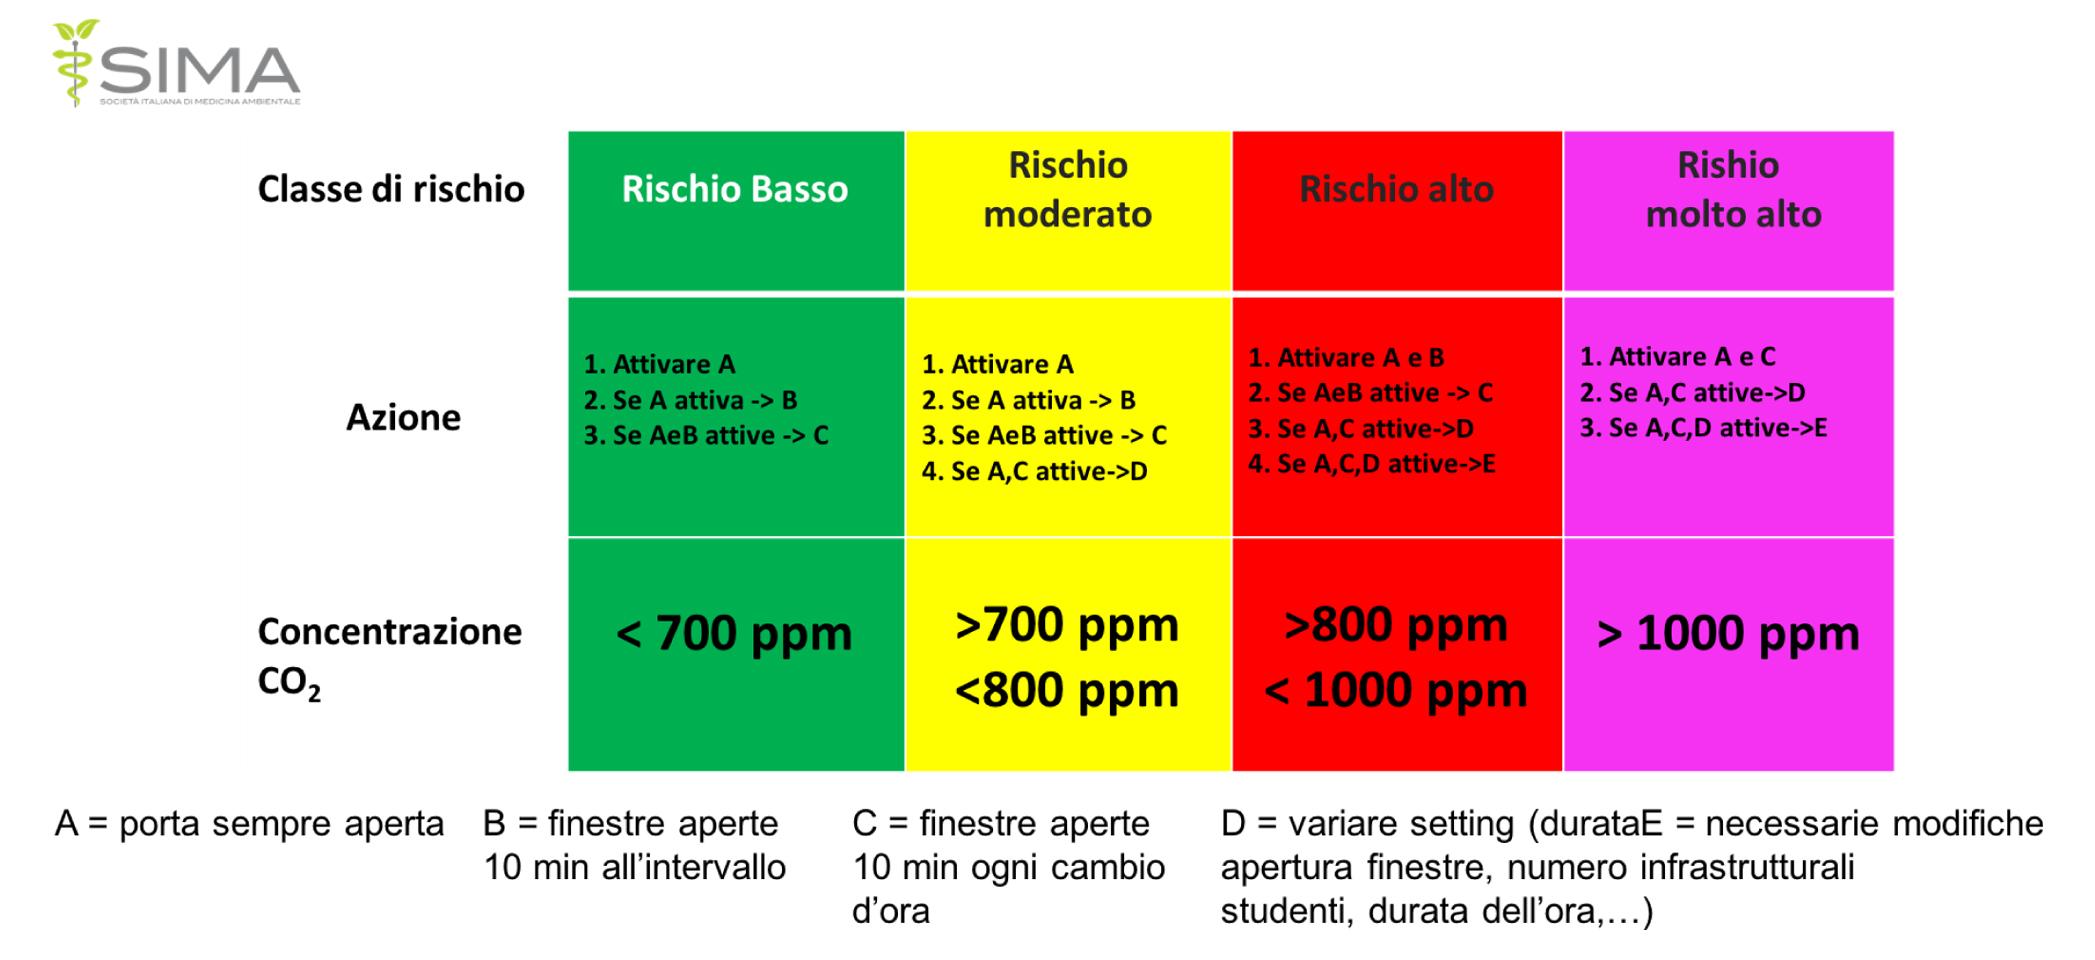 Tabella di classificazione. Livelli di concentrazione di CO2 e valori di rischio